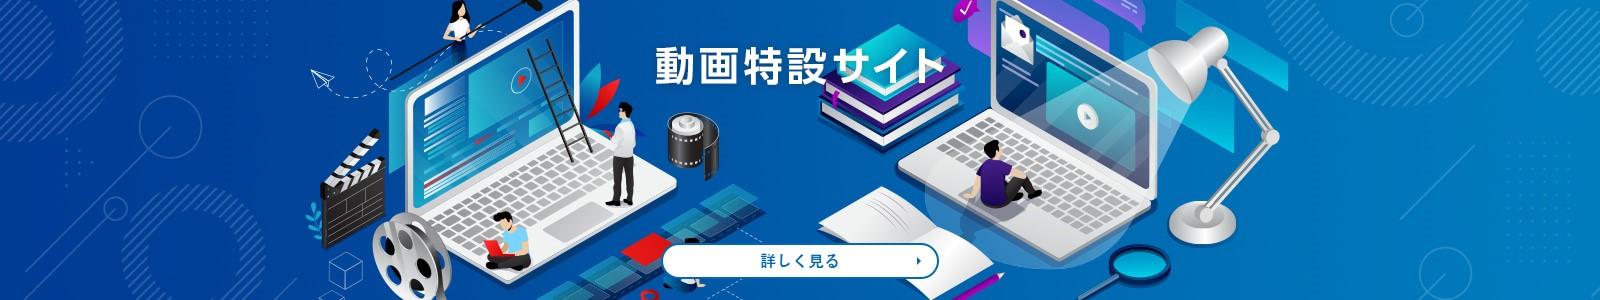 サービス概要、導入事例やセミナー動画など NTTビジネスアソシエが提供するサービスについて、 動画を活用したわかりやすいコンテンツを多数掲載しております。詳しく見る